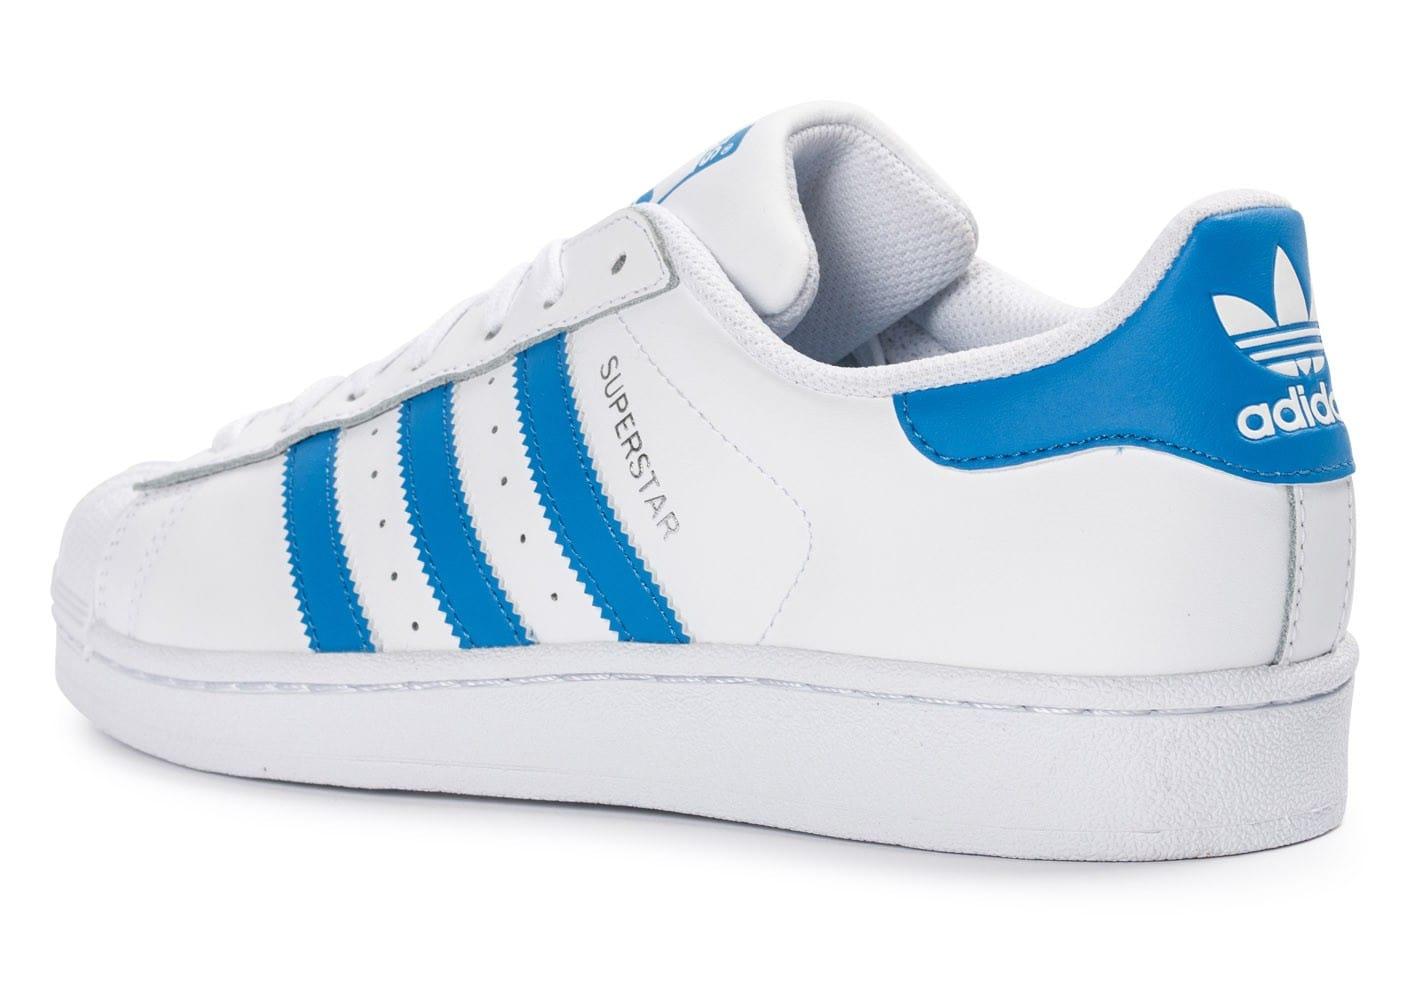 adidas chaussure super star bleu